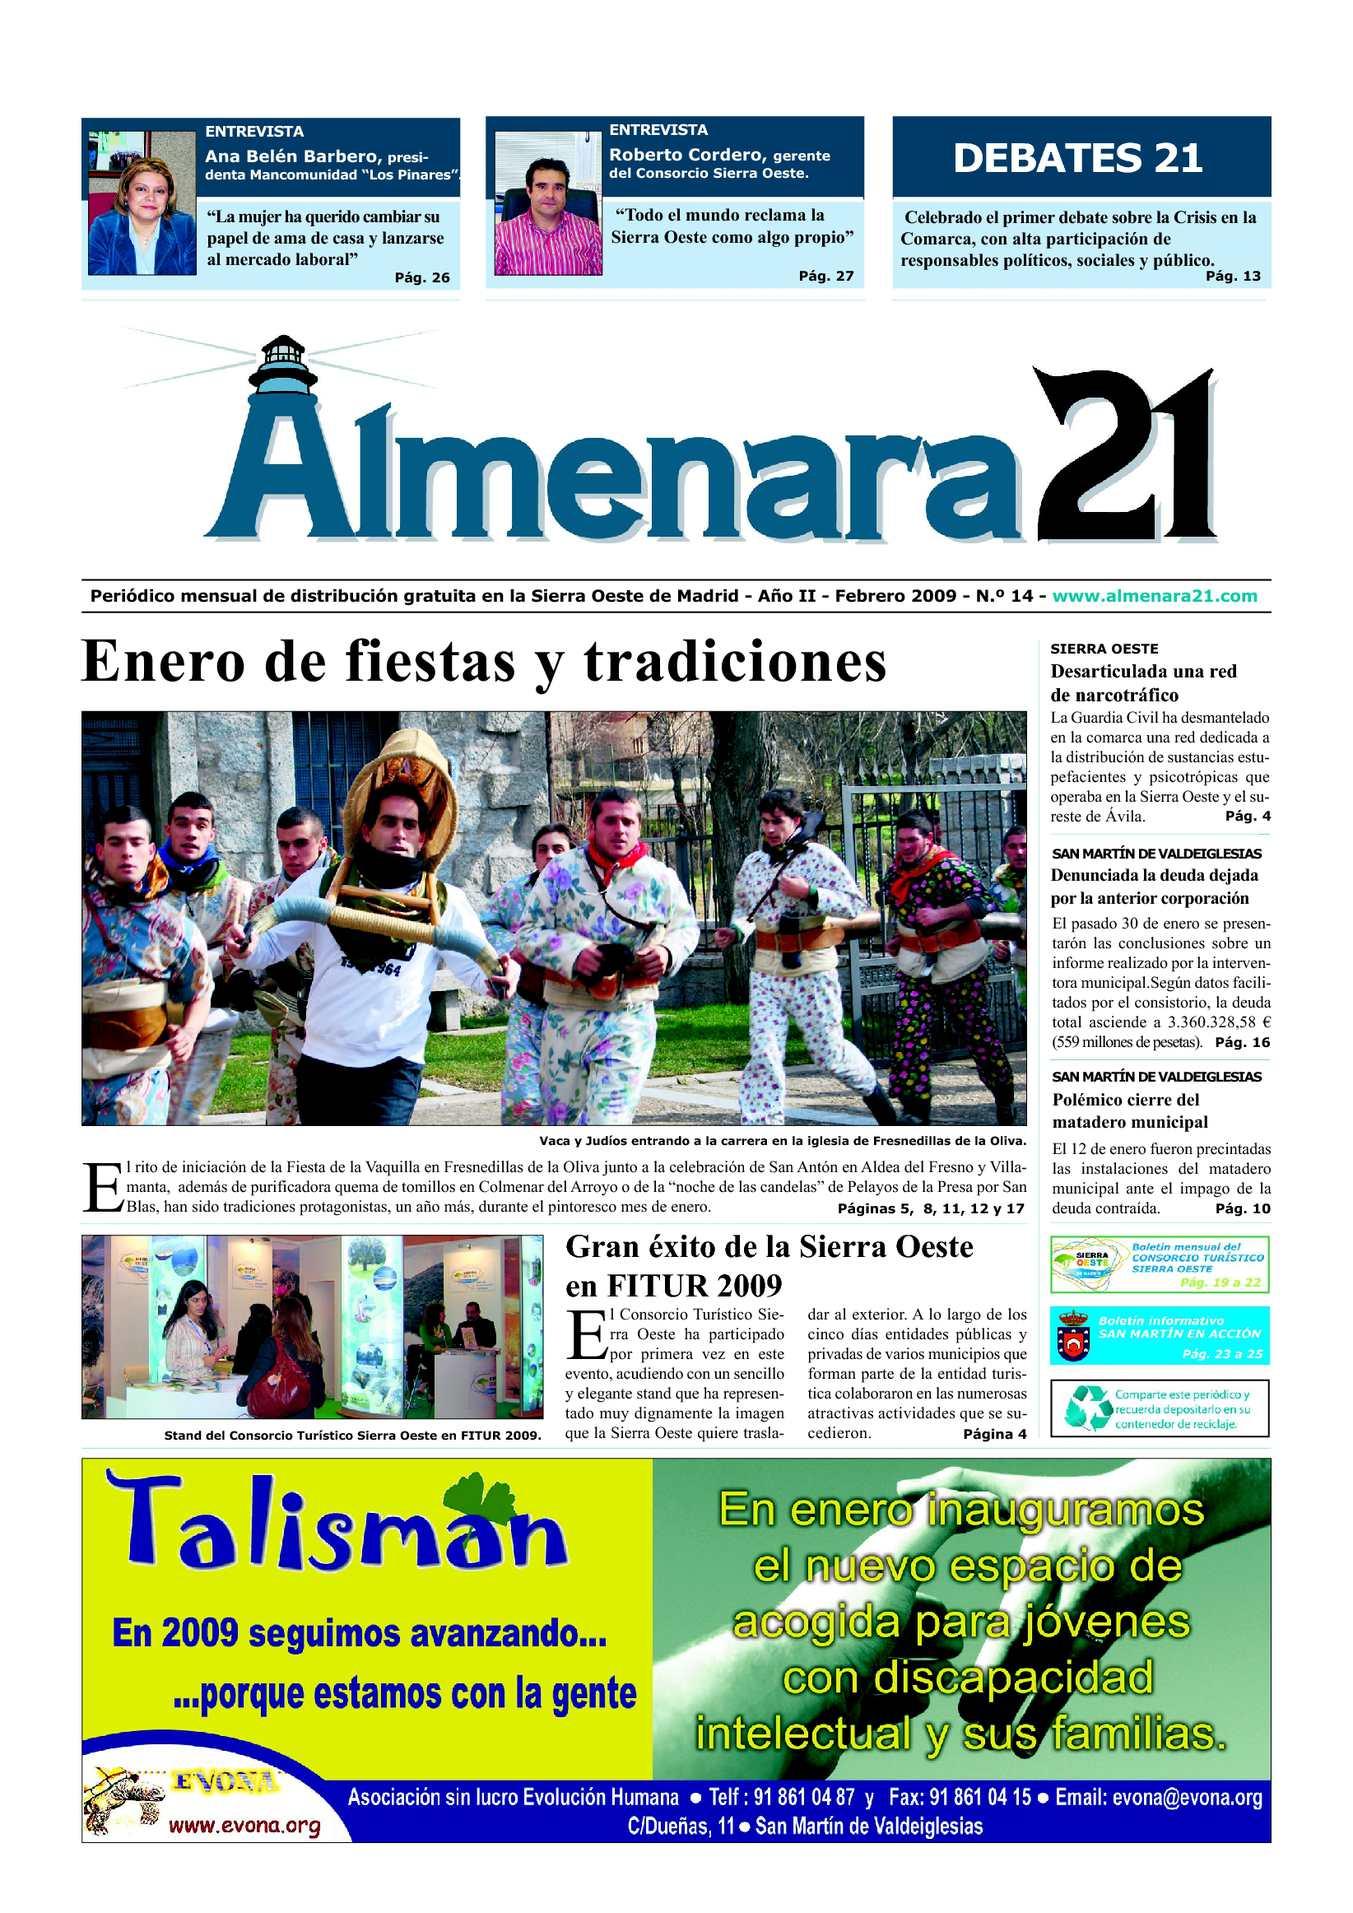 Calaméo - Almenara 21 - Febrero 2009 - AÑO II - Nº 14 4de126374c2